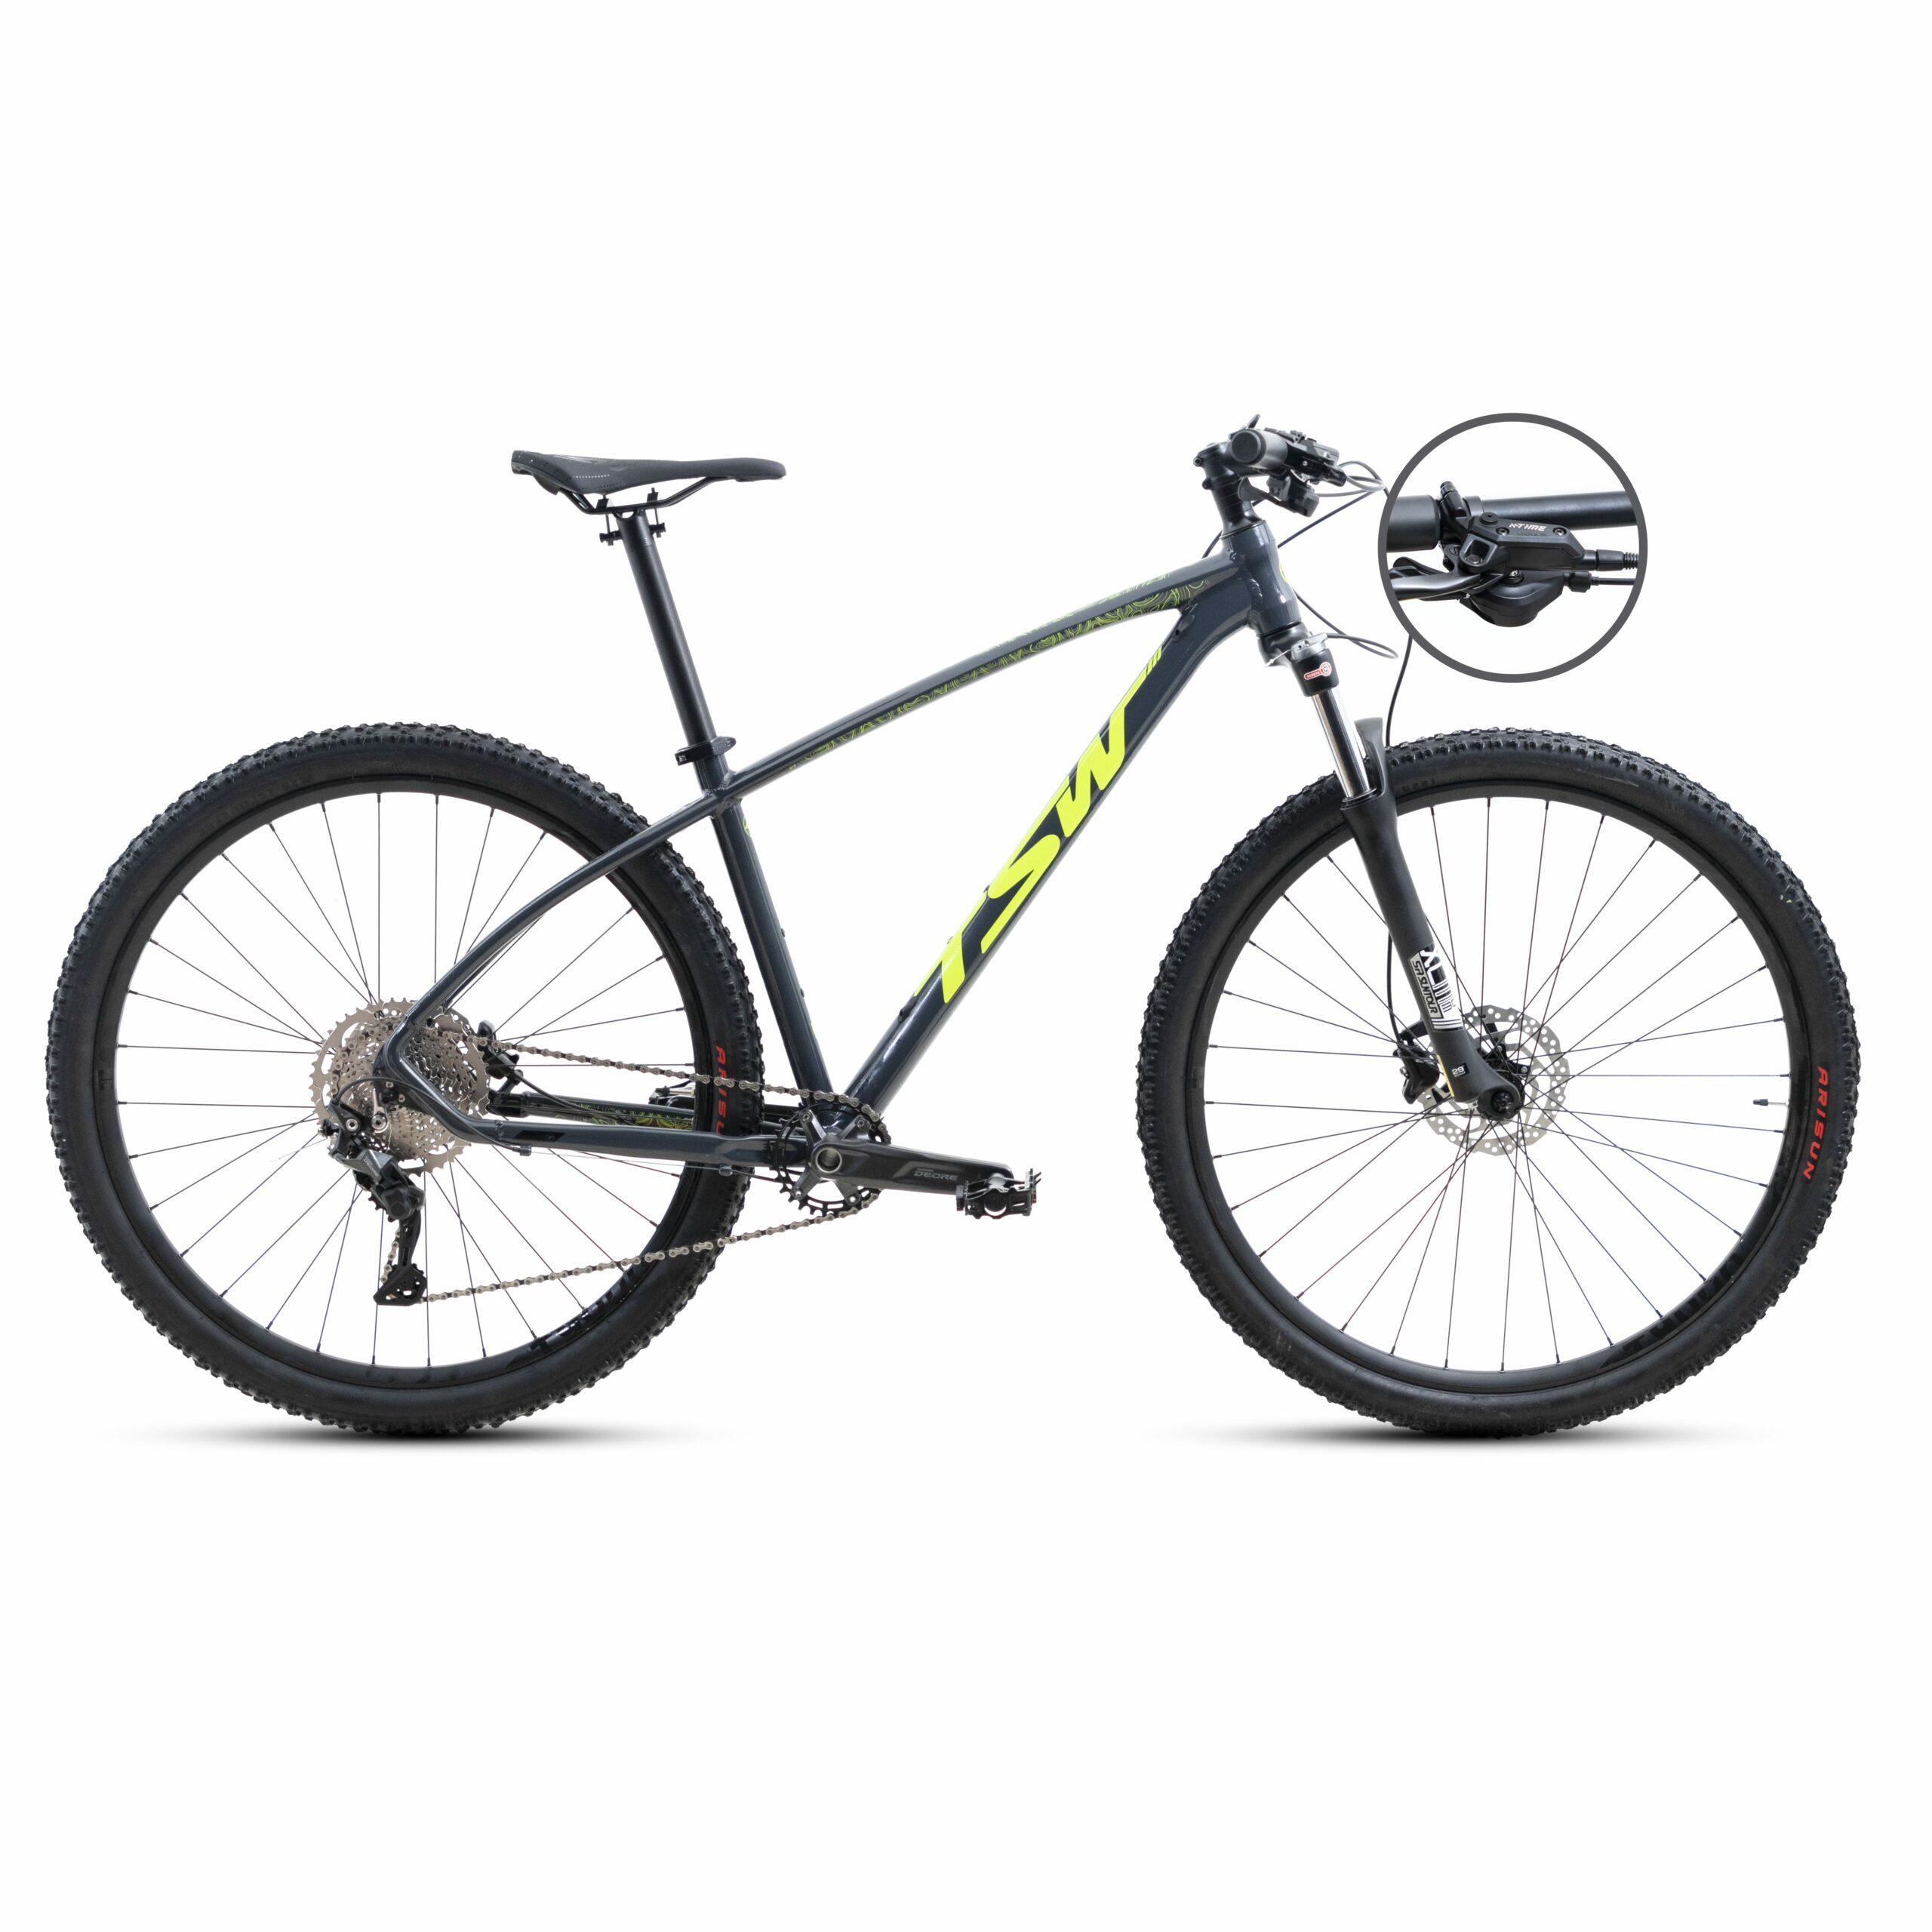 Bicicleta TSW Jump | 2021/2022 |Linha com Freios X-TIME 4